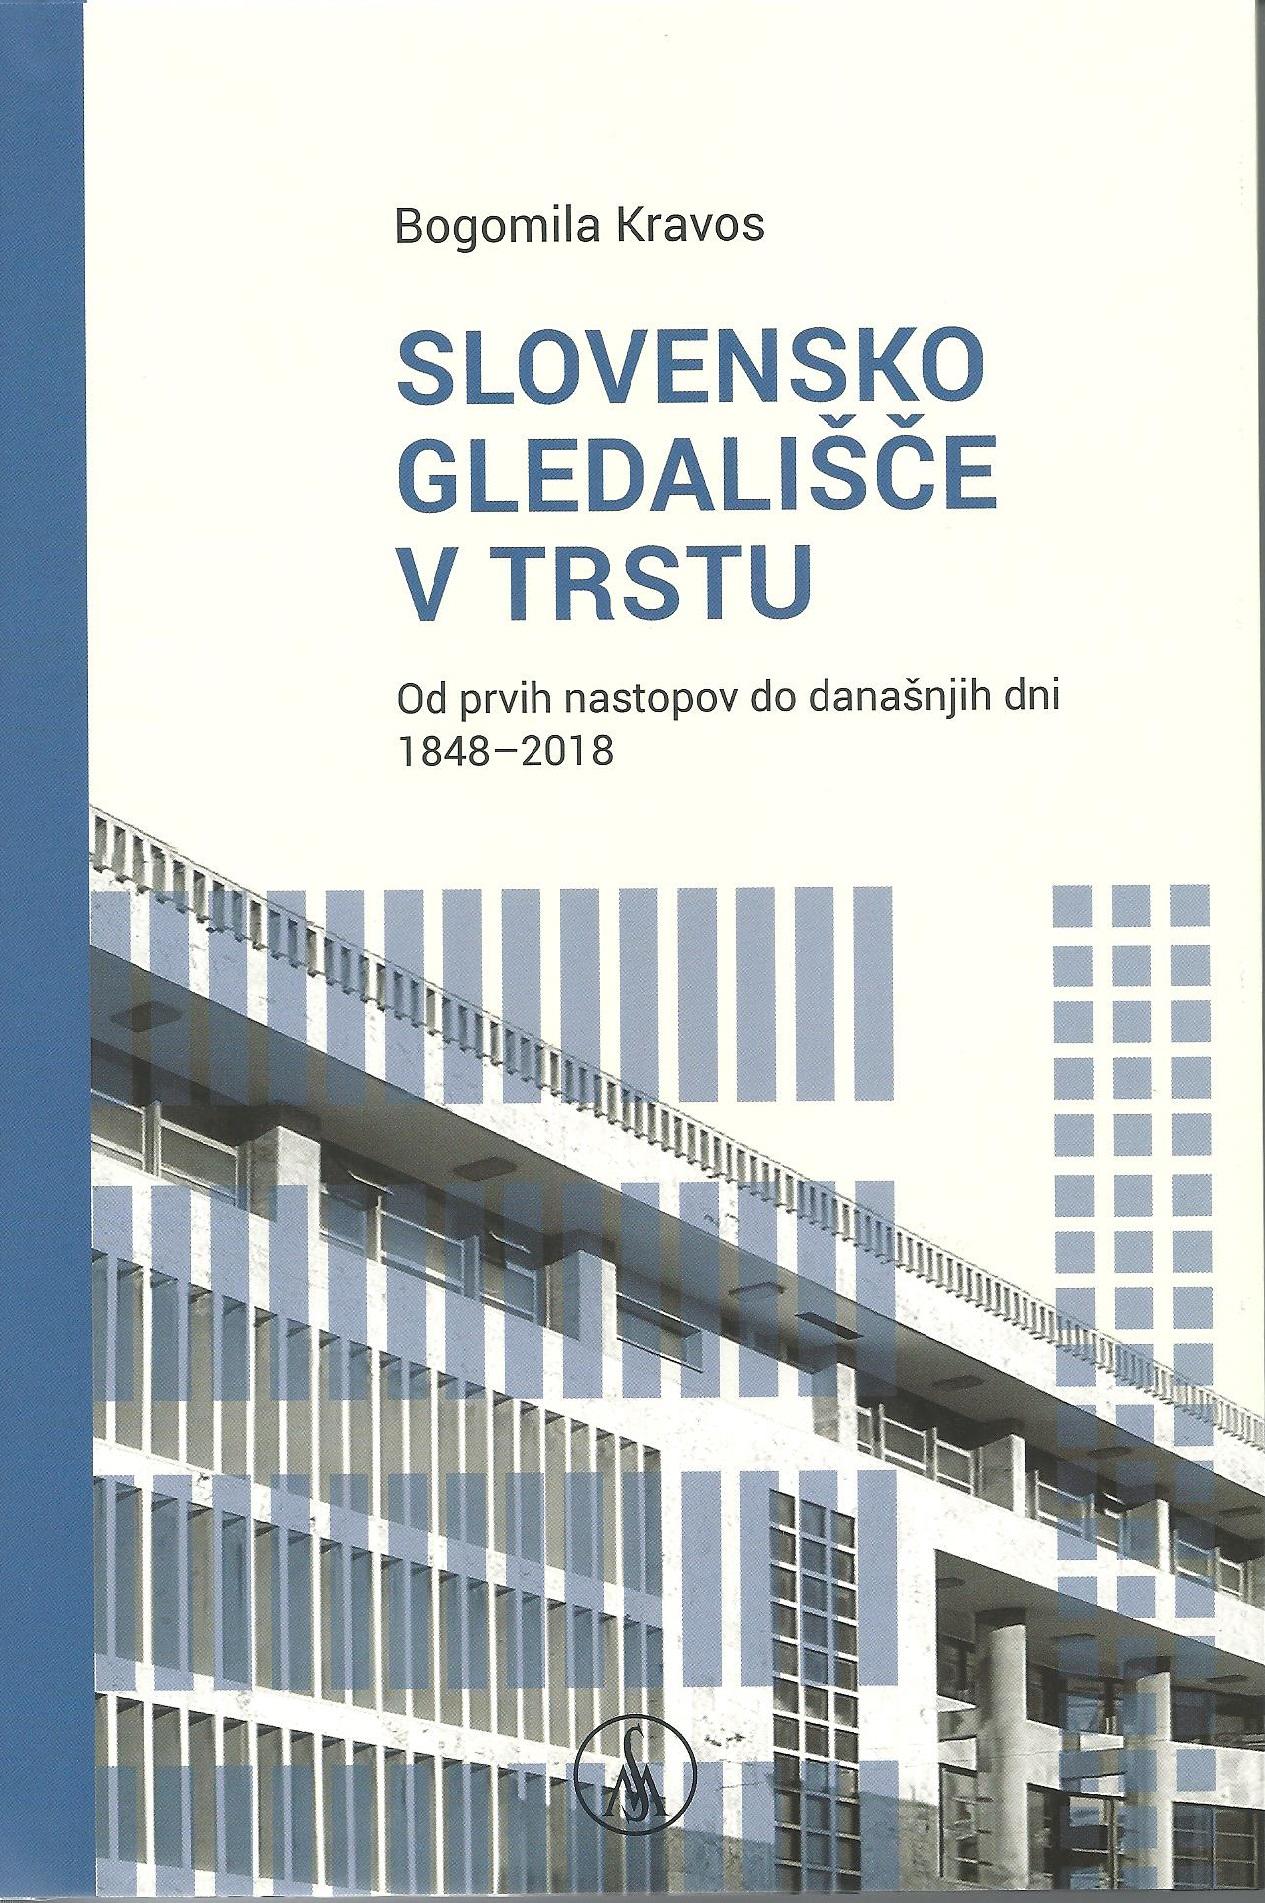 Pogovor z Bogomilo Kravos, avtorico monografije Slovensko gledališče v Trstu. Od začetkov do današnjih dni. 1848-2018